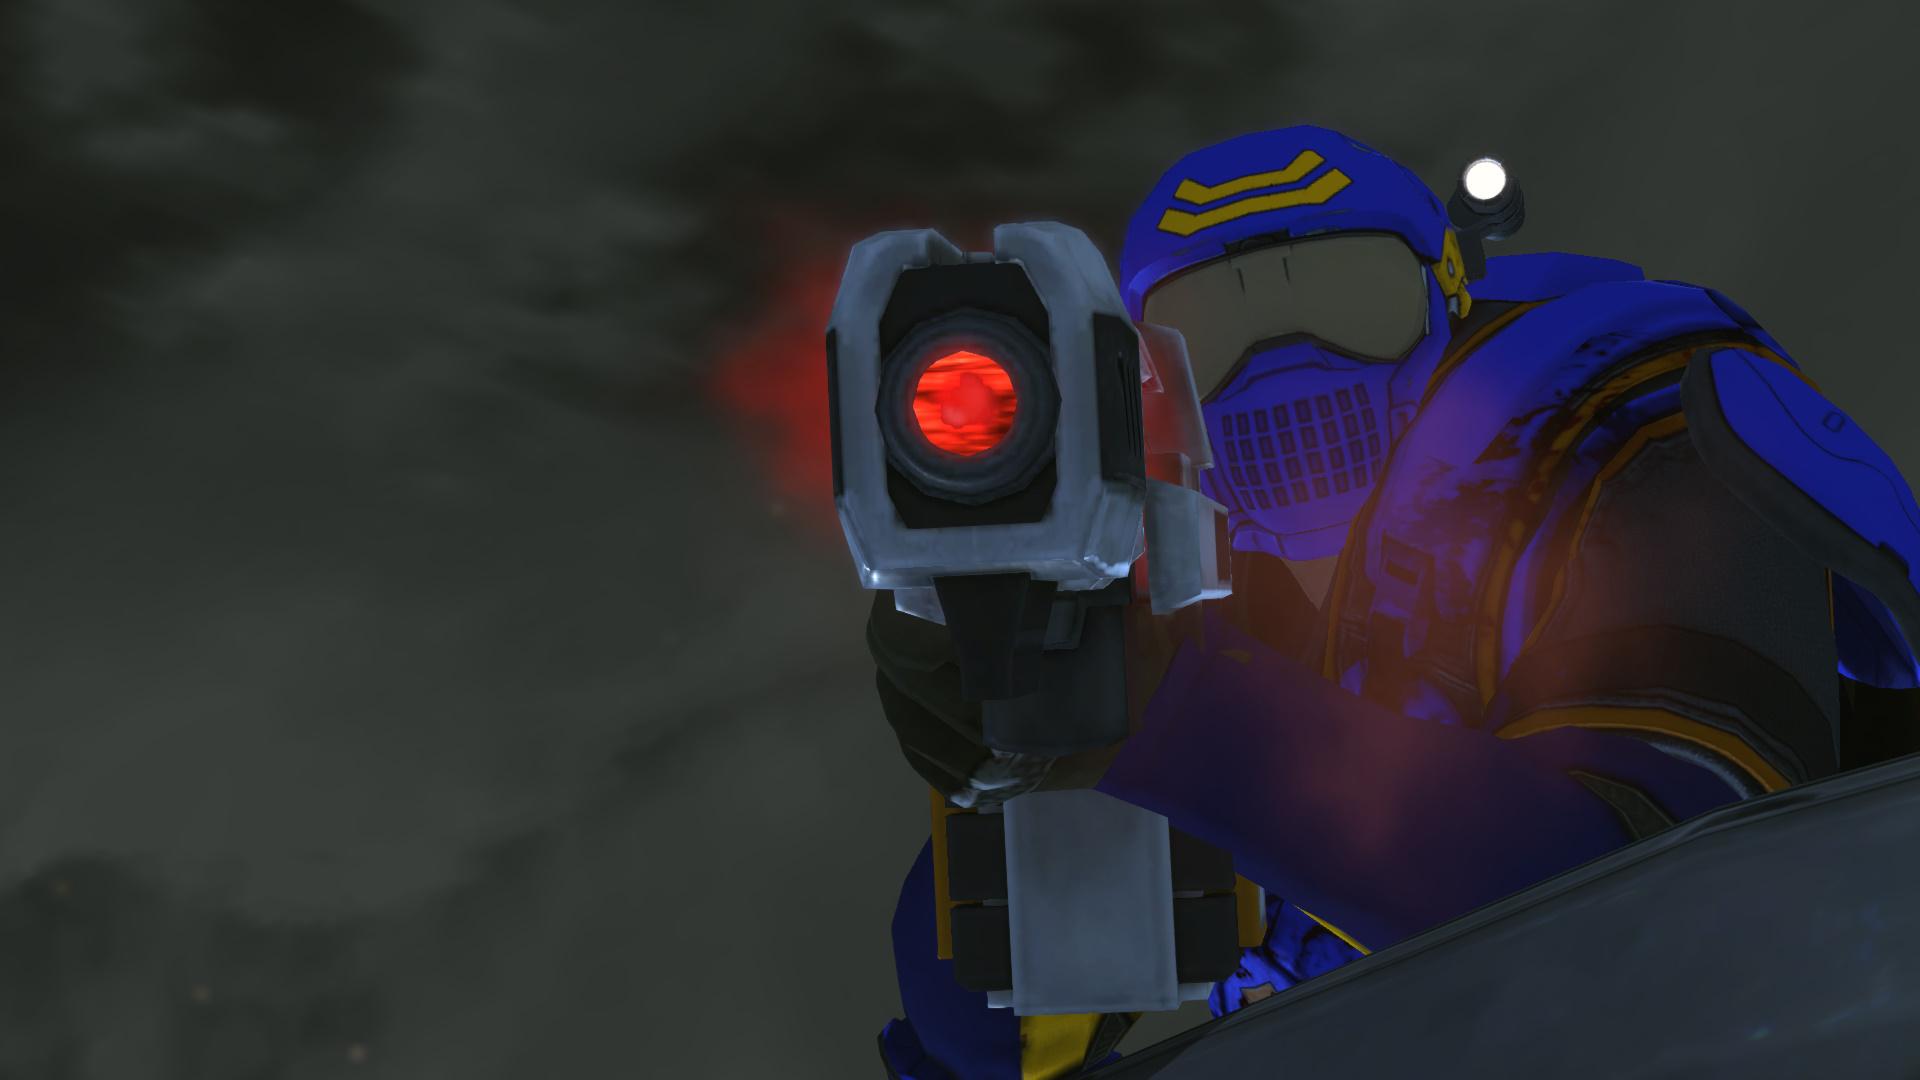 xcomgame 2017-09-07 19-31-09-468.jpg - XCOM: Enemy Unknown